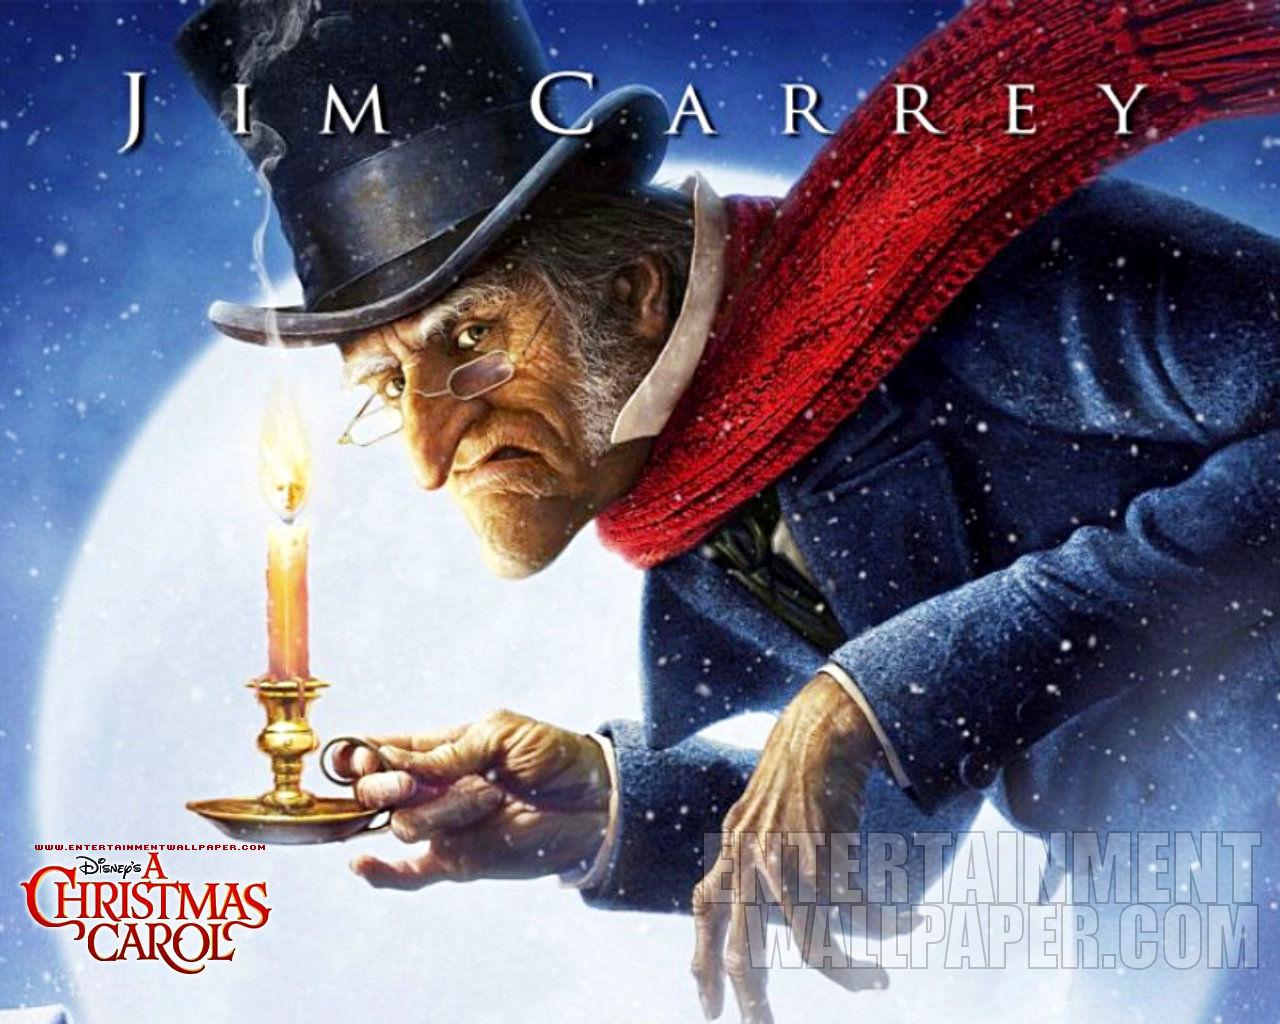 http://2.bp.blogspot.com/-fBr34-Vfggo/TdNB4NaMetI/AAAAAAAAAxg/wF3oojQJcuE/s1600/a_christmas_carol_2009_02.jpg